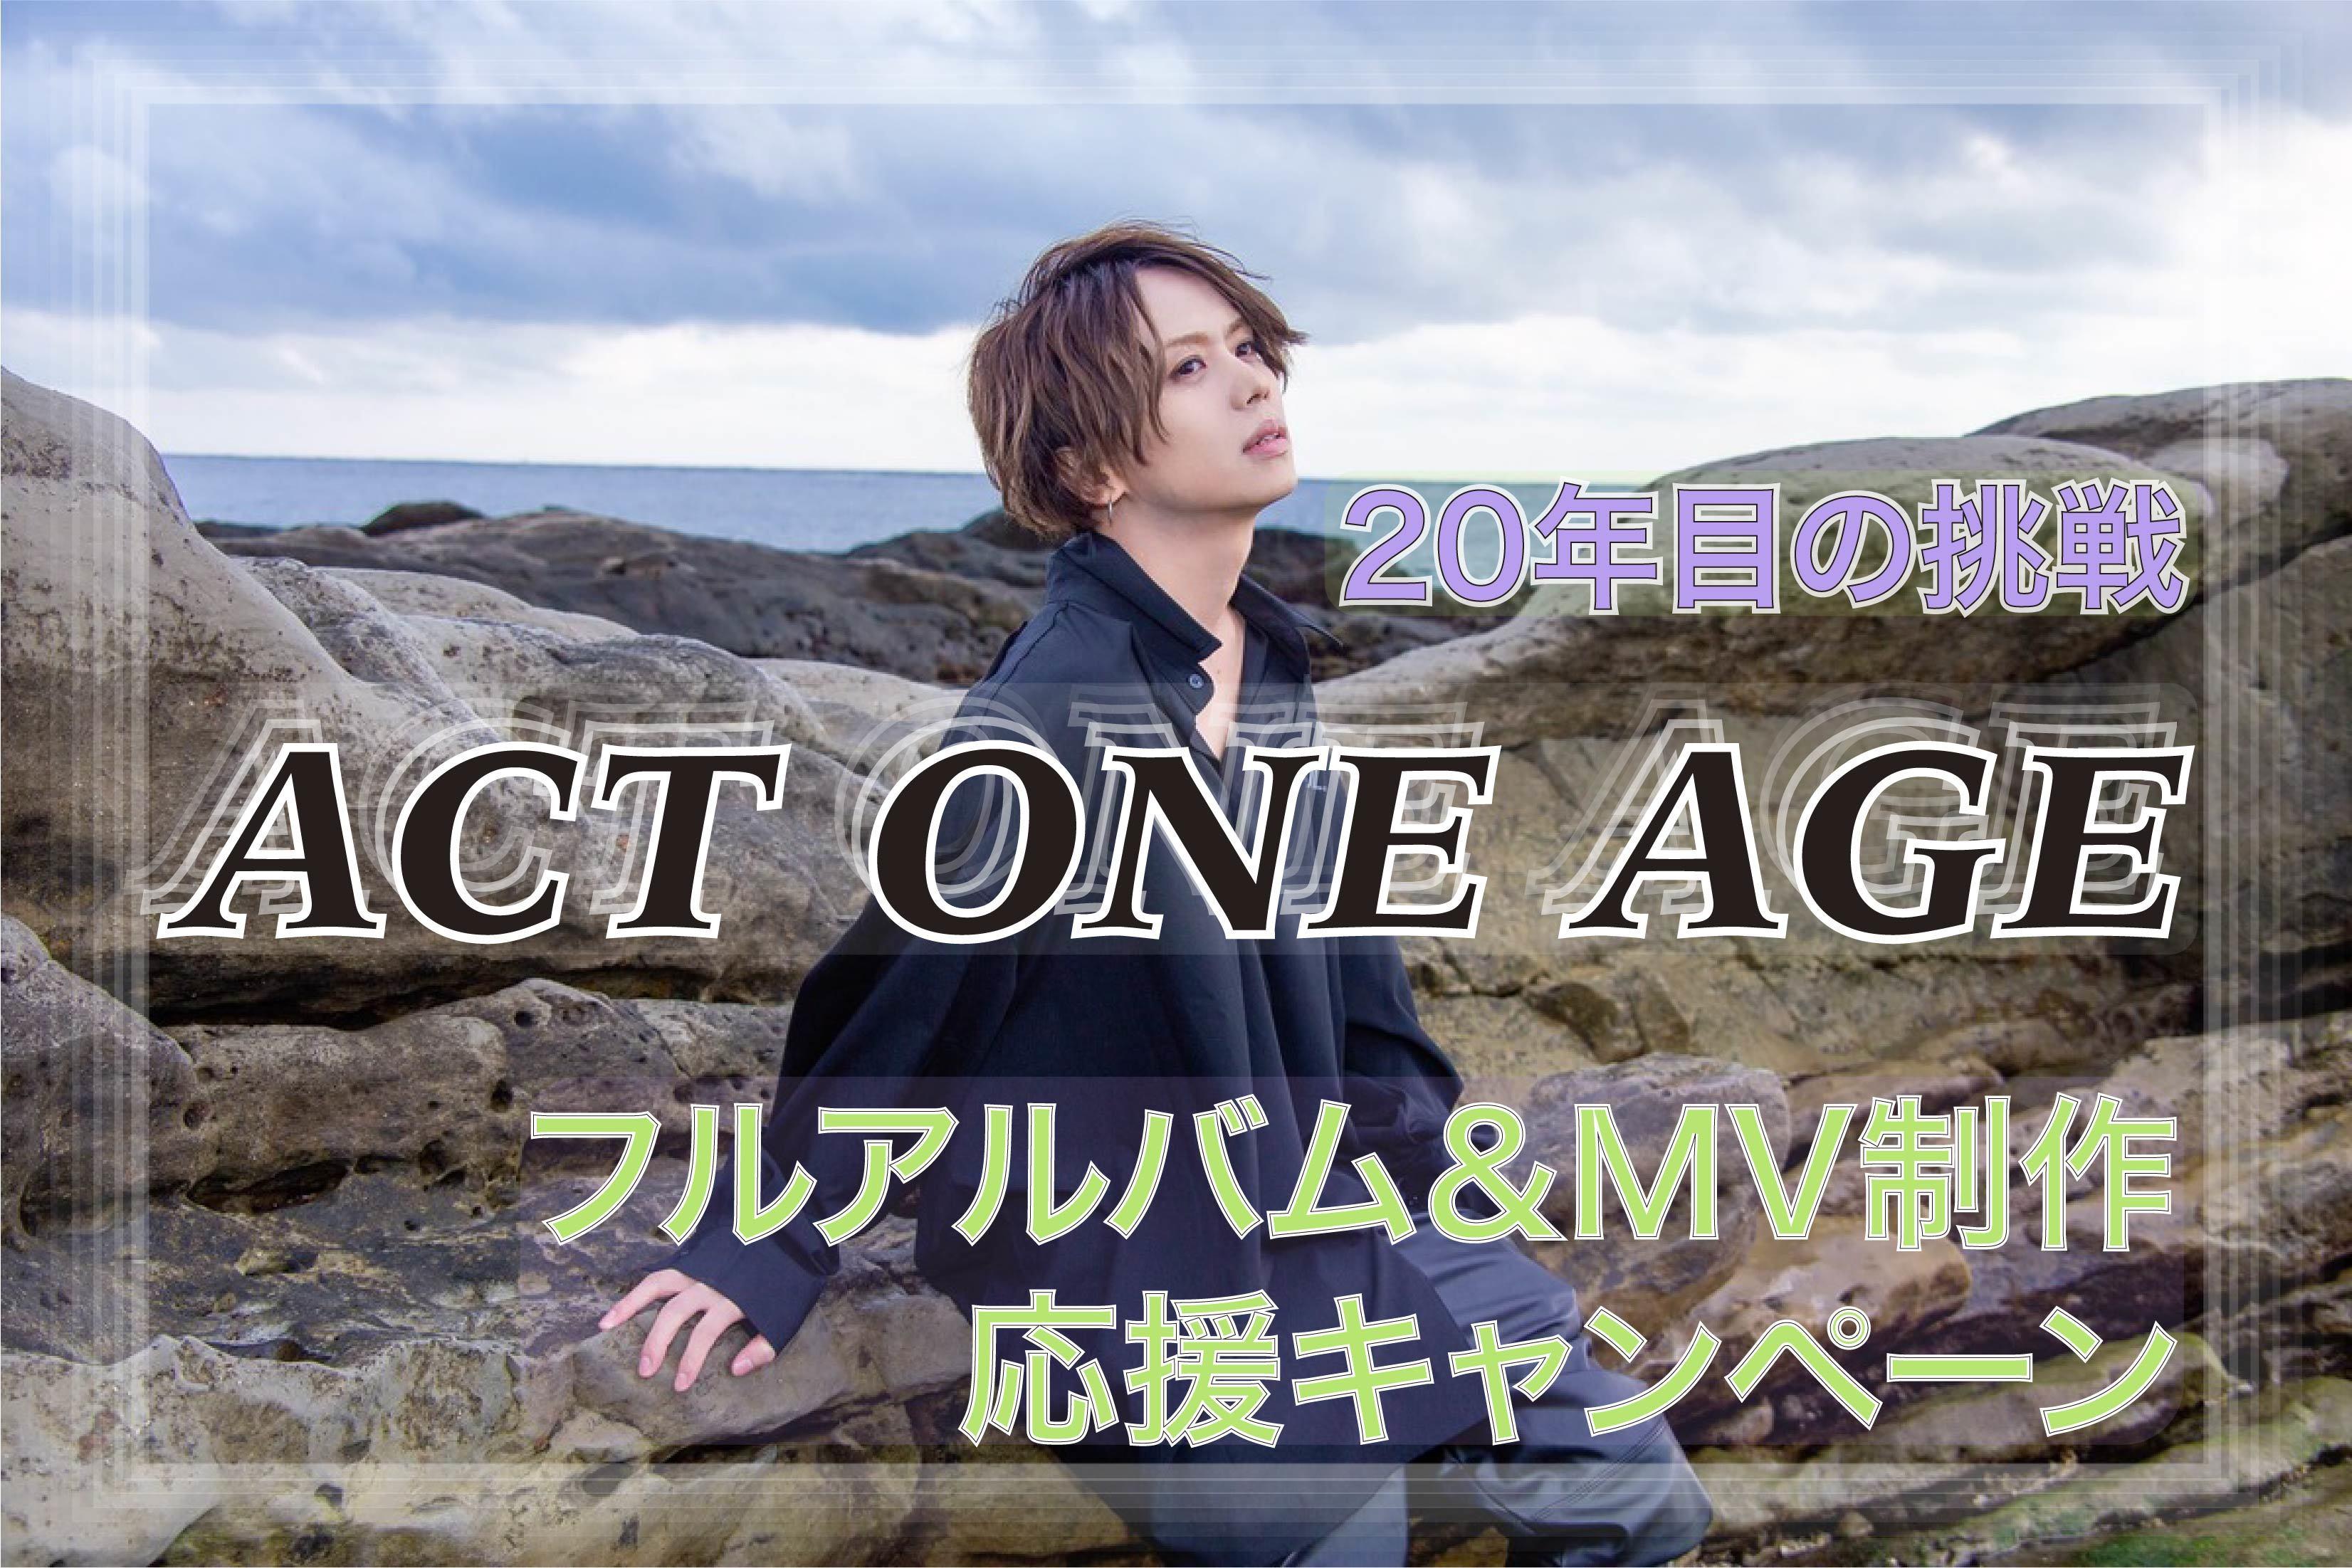 【ACT ONE AGE 結成7周年&藤家和依 芸能活動20年目の挑戦】2枚目となるアルバム&MV制作応援キャンペーン